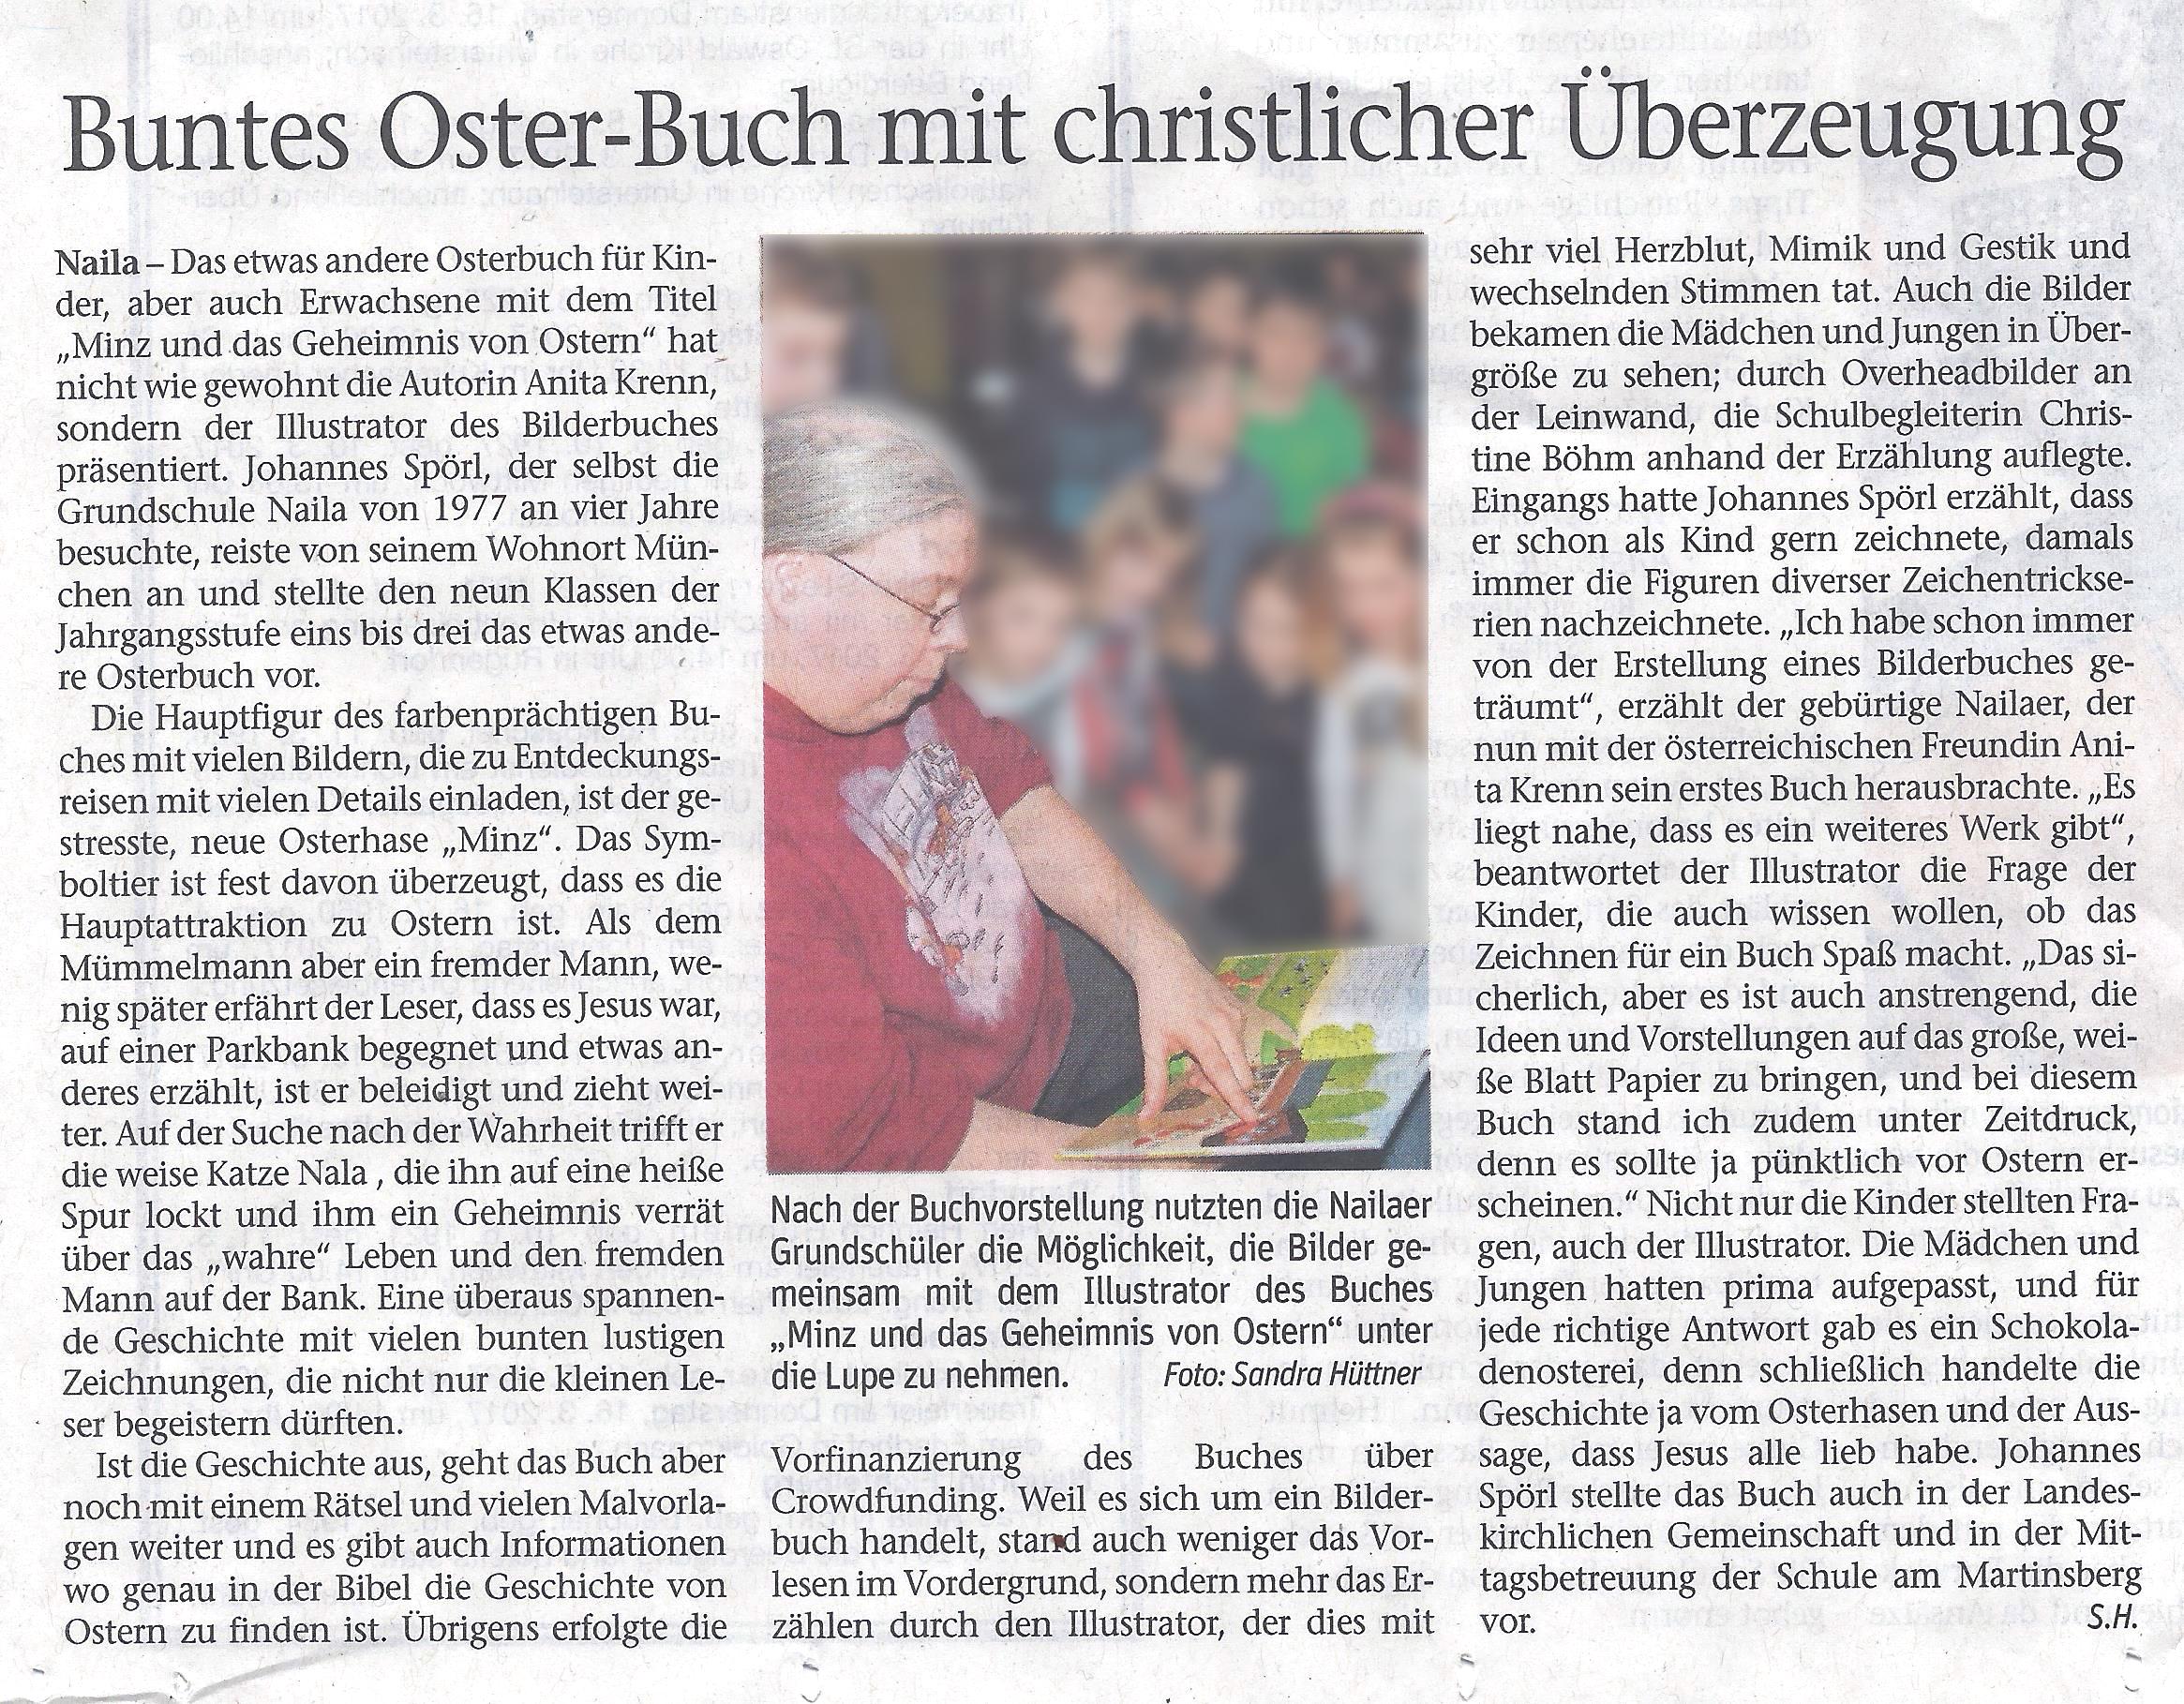 Frankenpost: Zeitungsbericht von Buchvorstellung in Grundschule ...